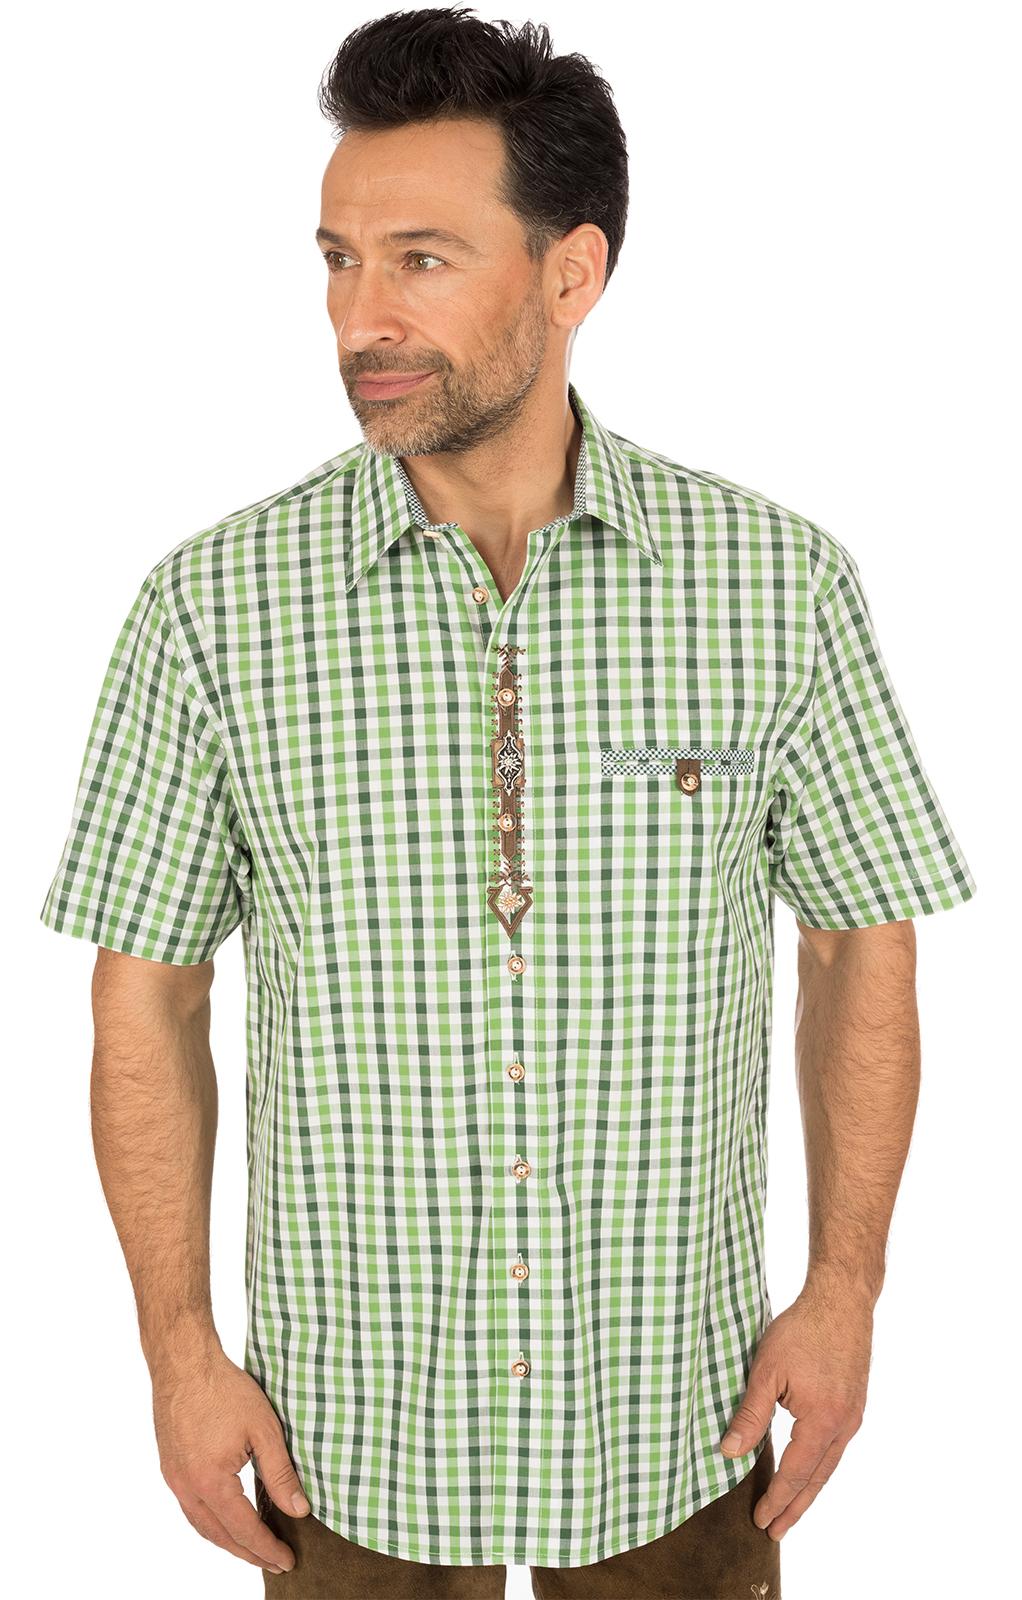 Klederdrachthemd korte mouwen groen von OS-Trachten